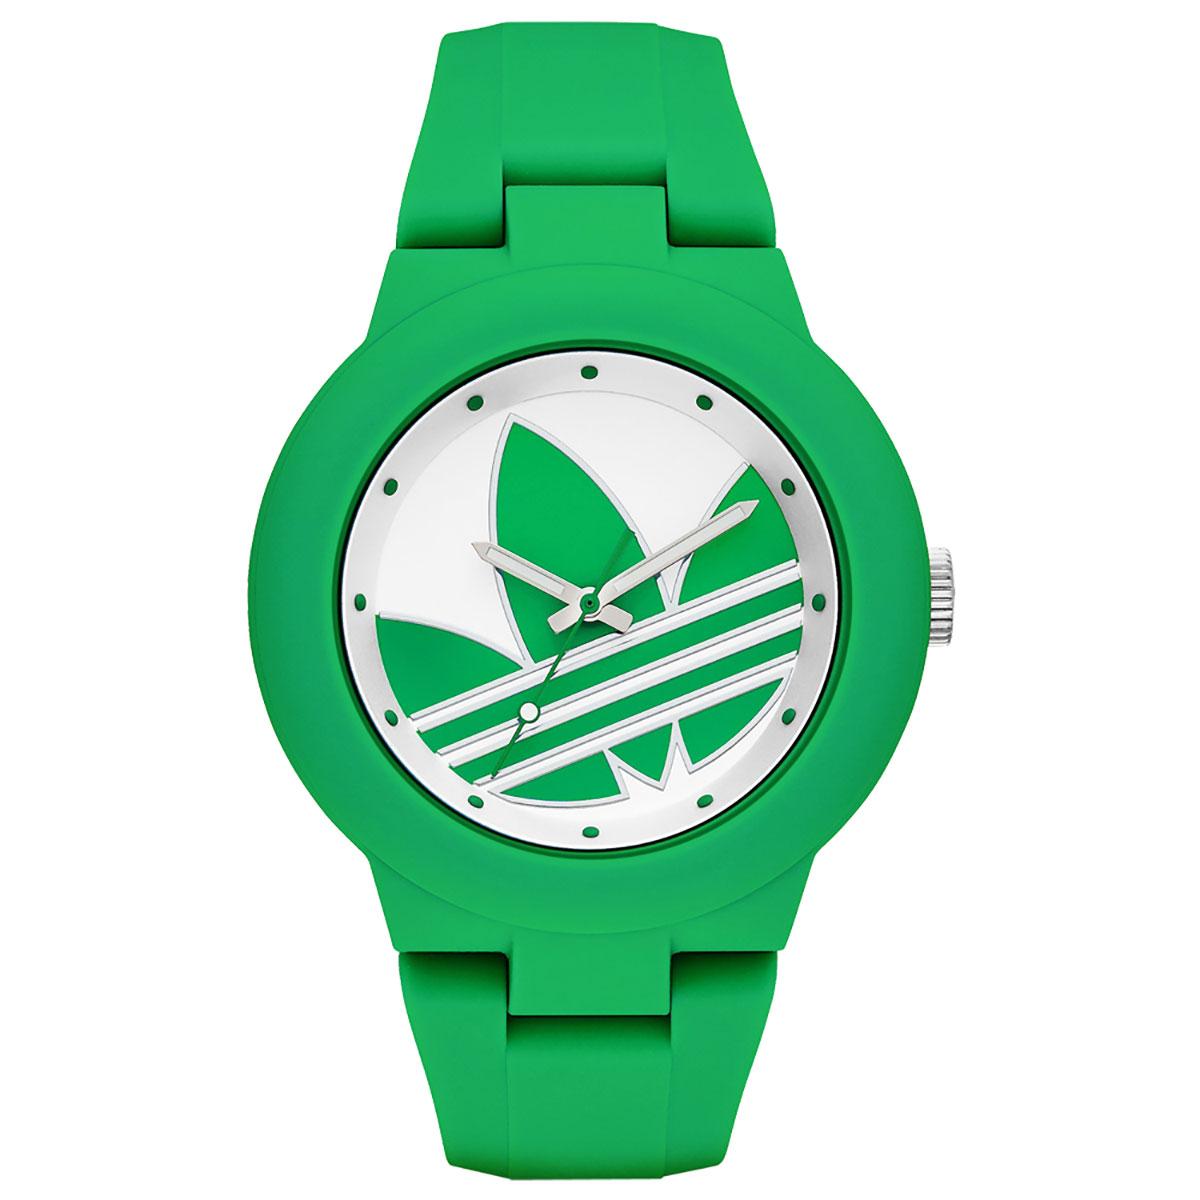 นาฬิกาผู้ชาย Adidas รุ่น ADH3117, Aberdeen